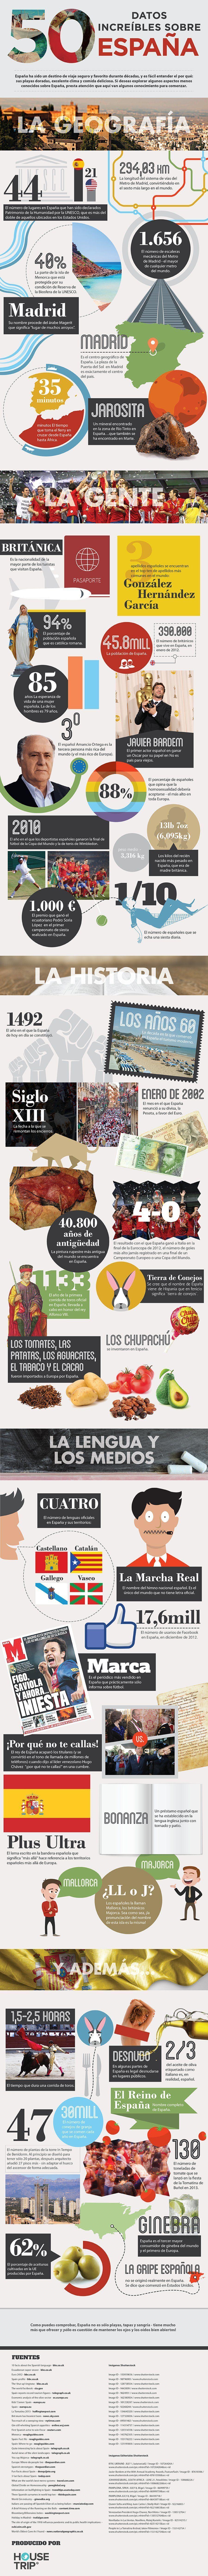 50 cosas por las que España is different